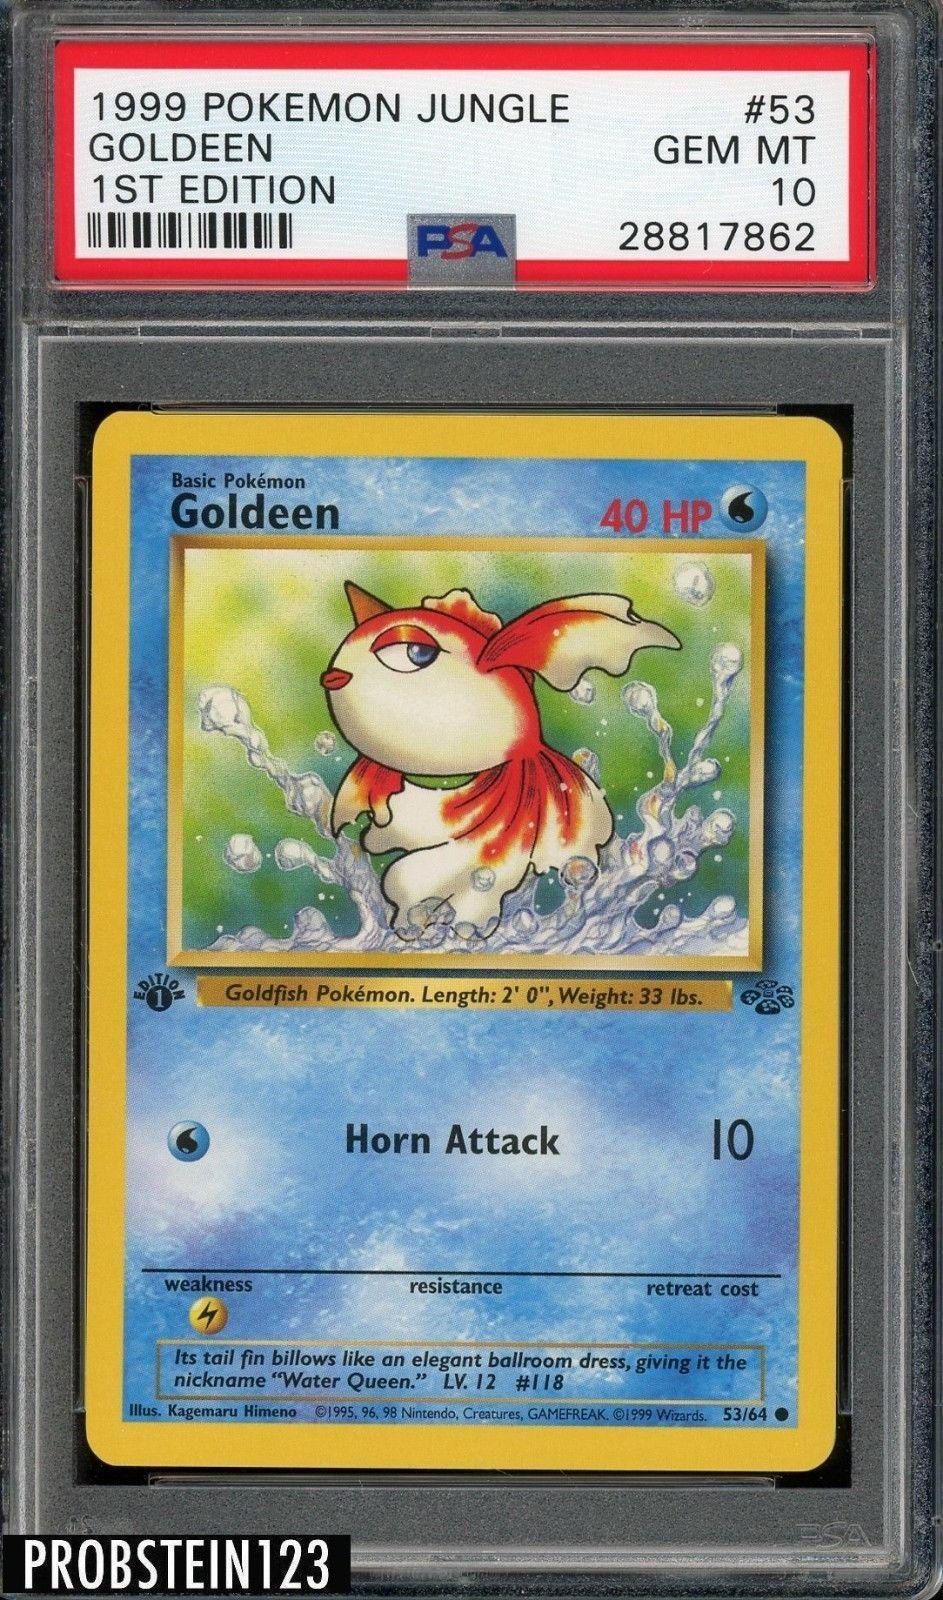 1999 pokemon jungle 1st edition 53 goldeen psa 10 gem